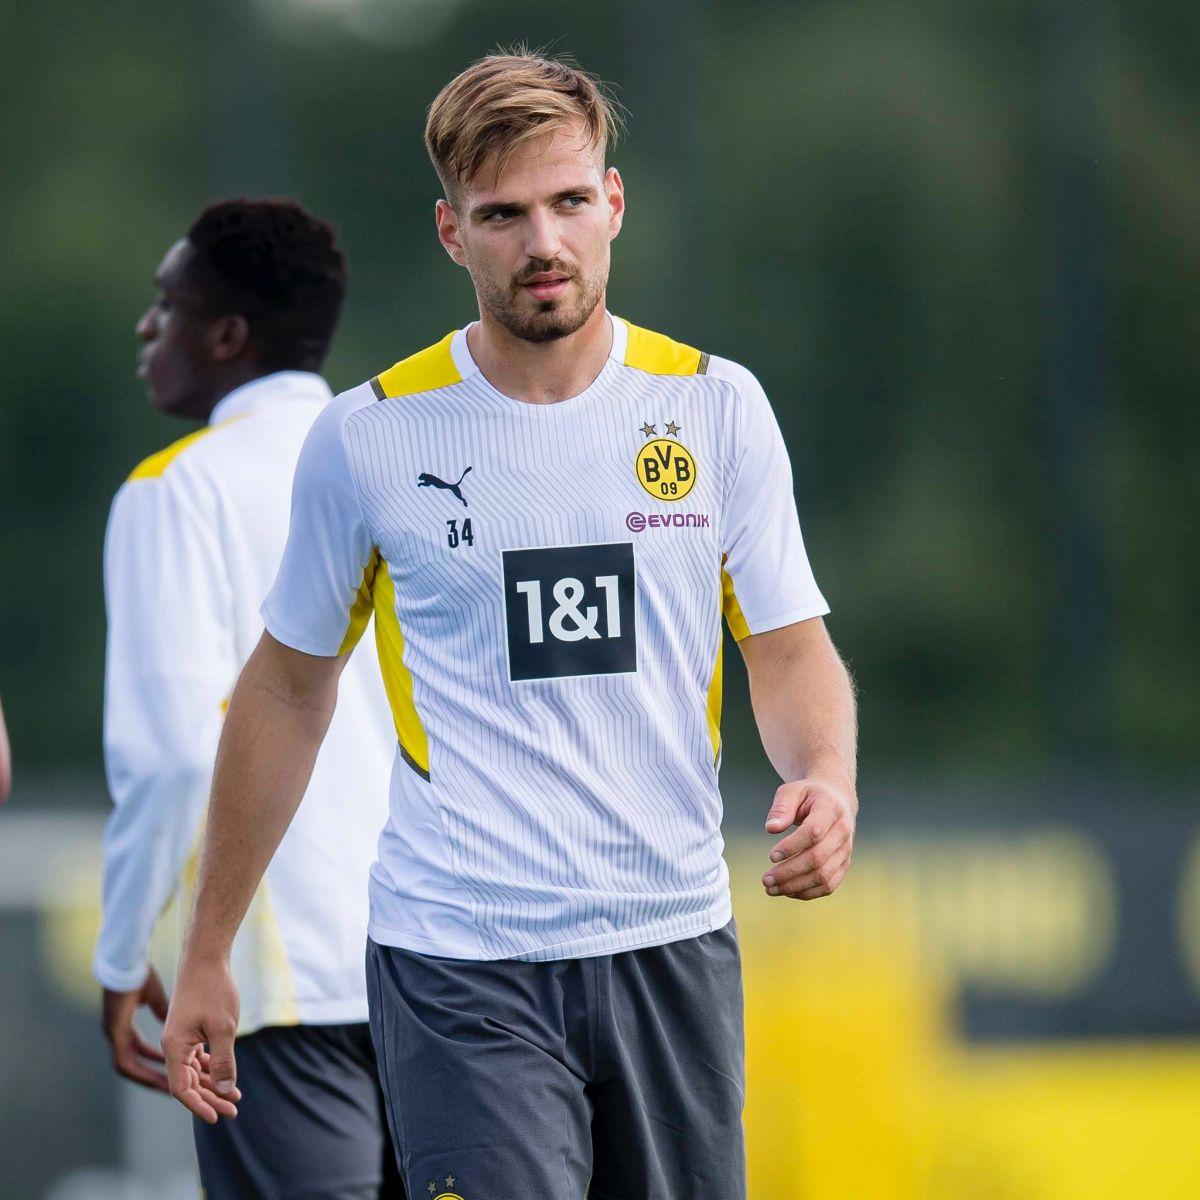 Pongracic sẽ trám vào khu vực đang thiếu hụt trầm trọng là trung vệ khi về Dortmund